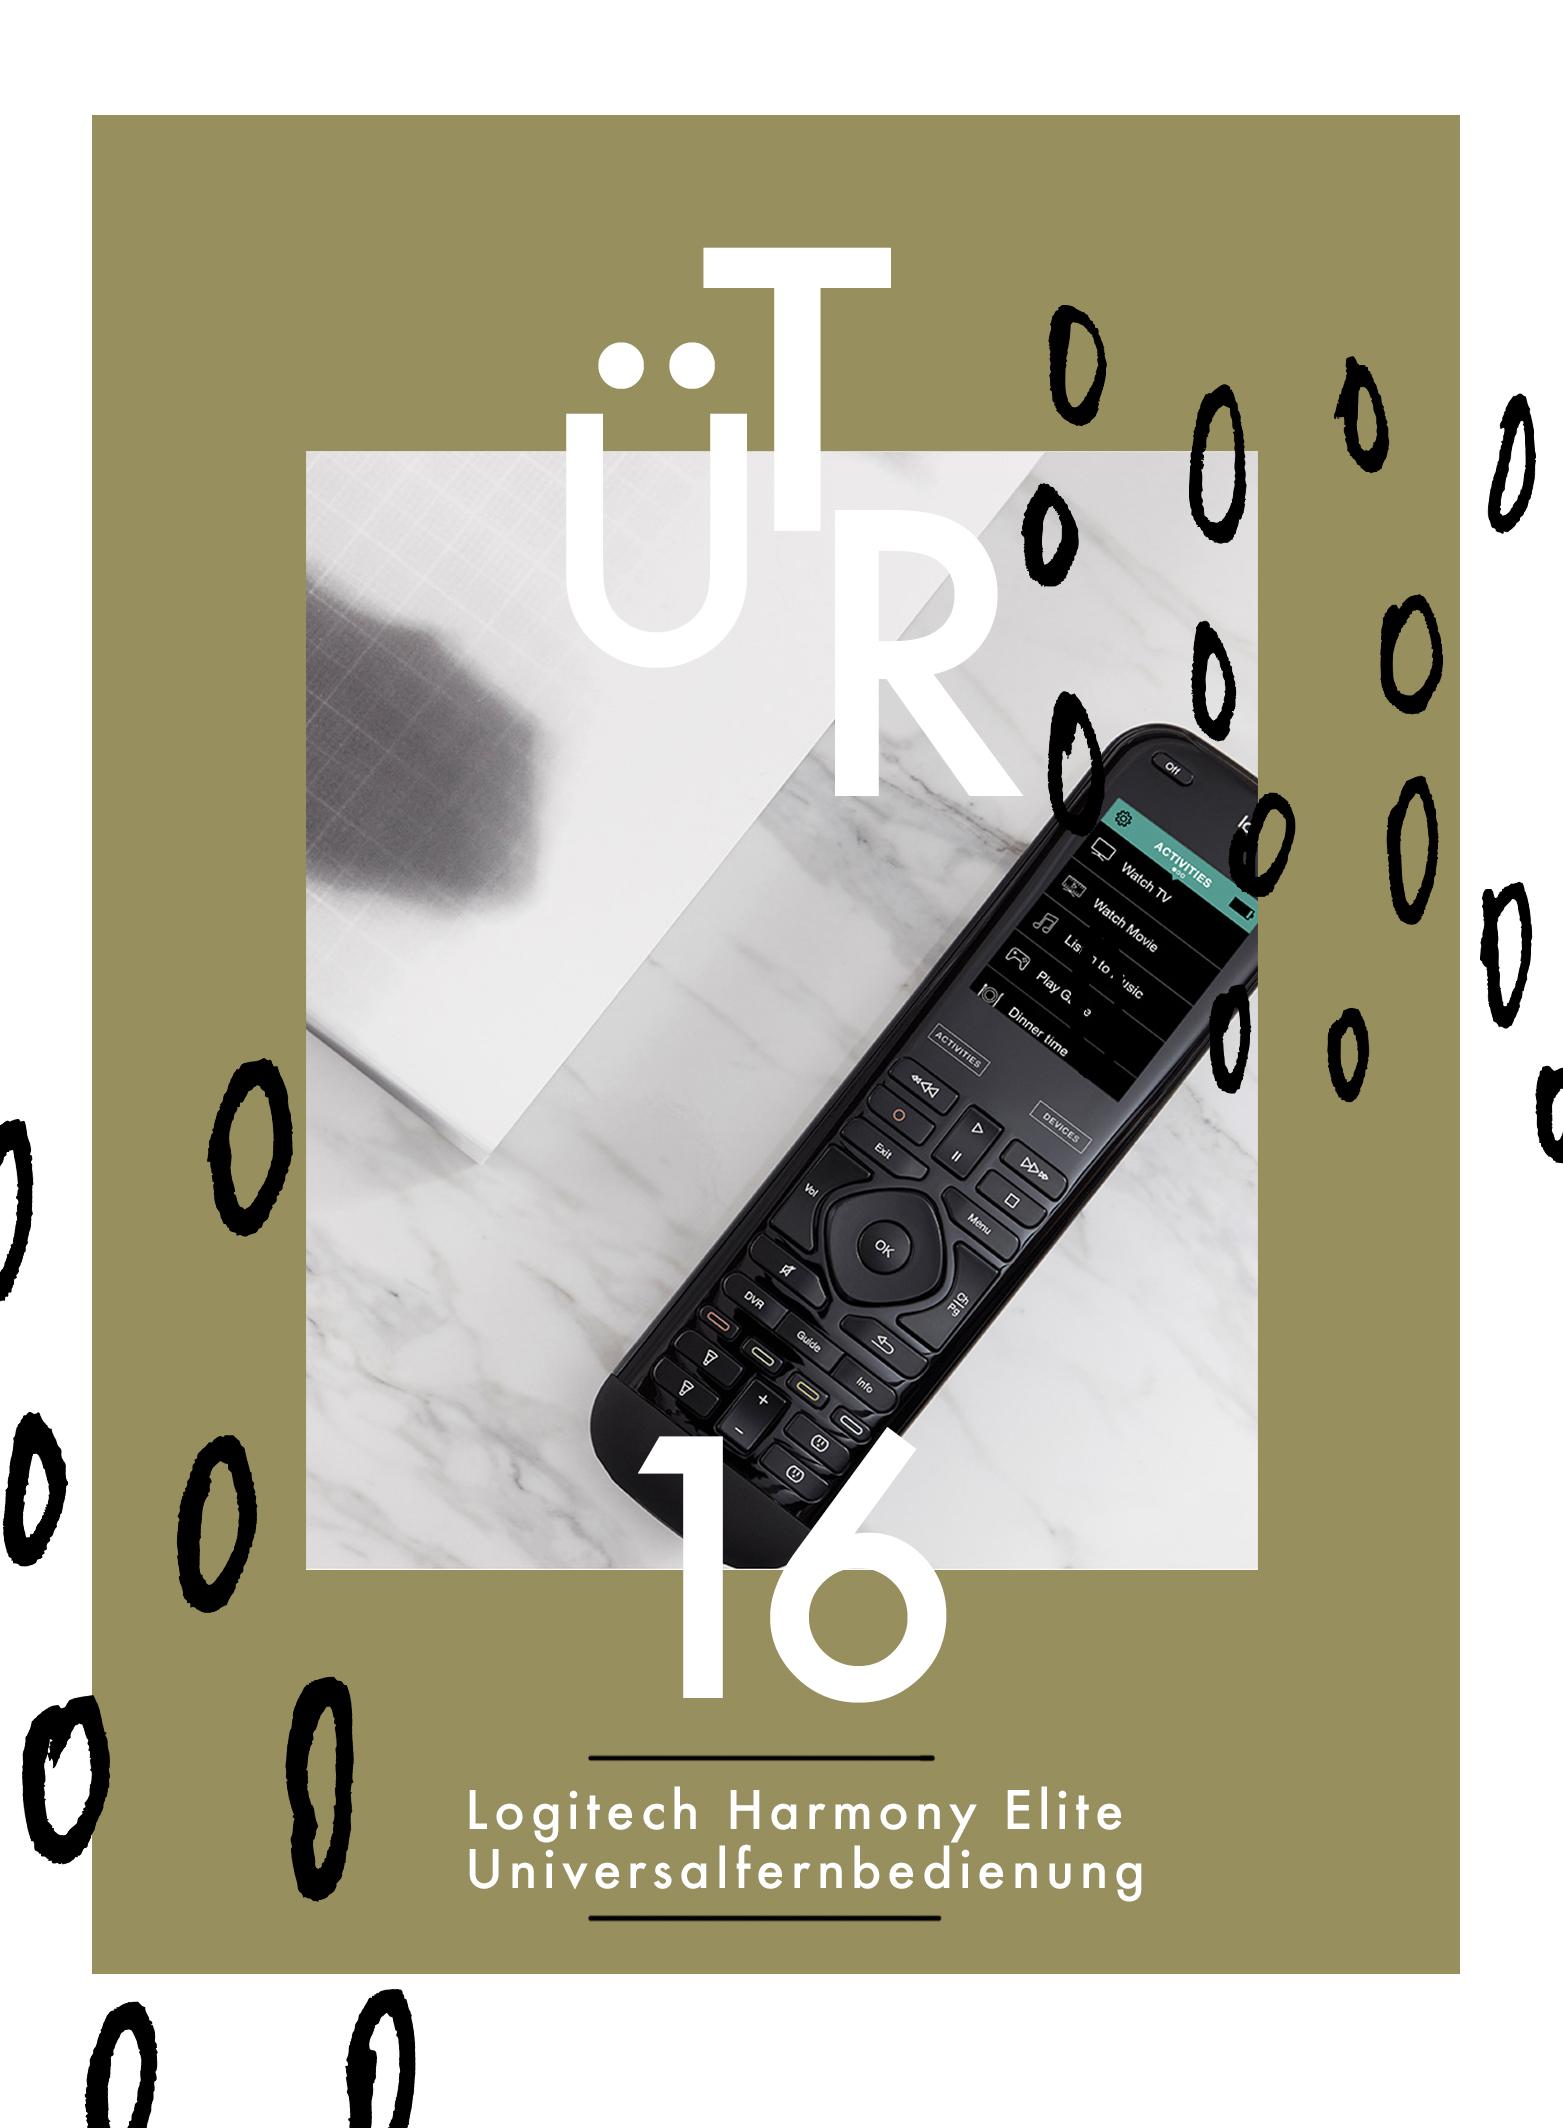 Tür 16: Logitech Harmony Elite Universalfernbedienung